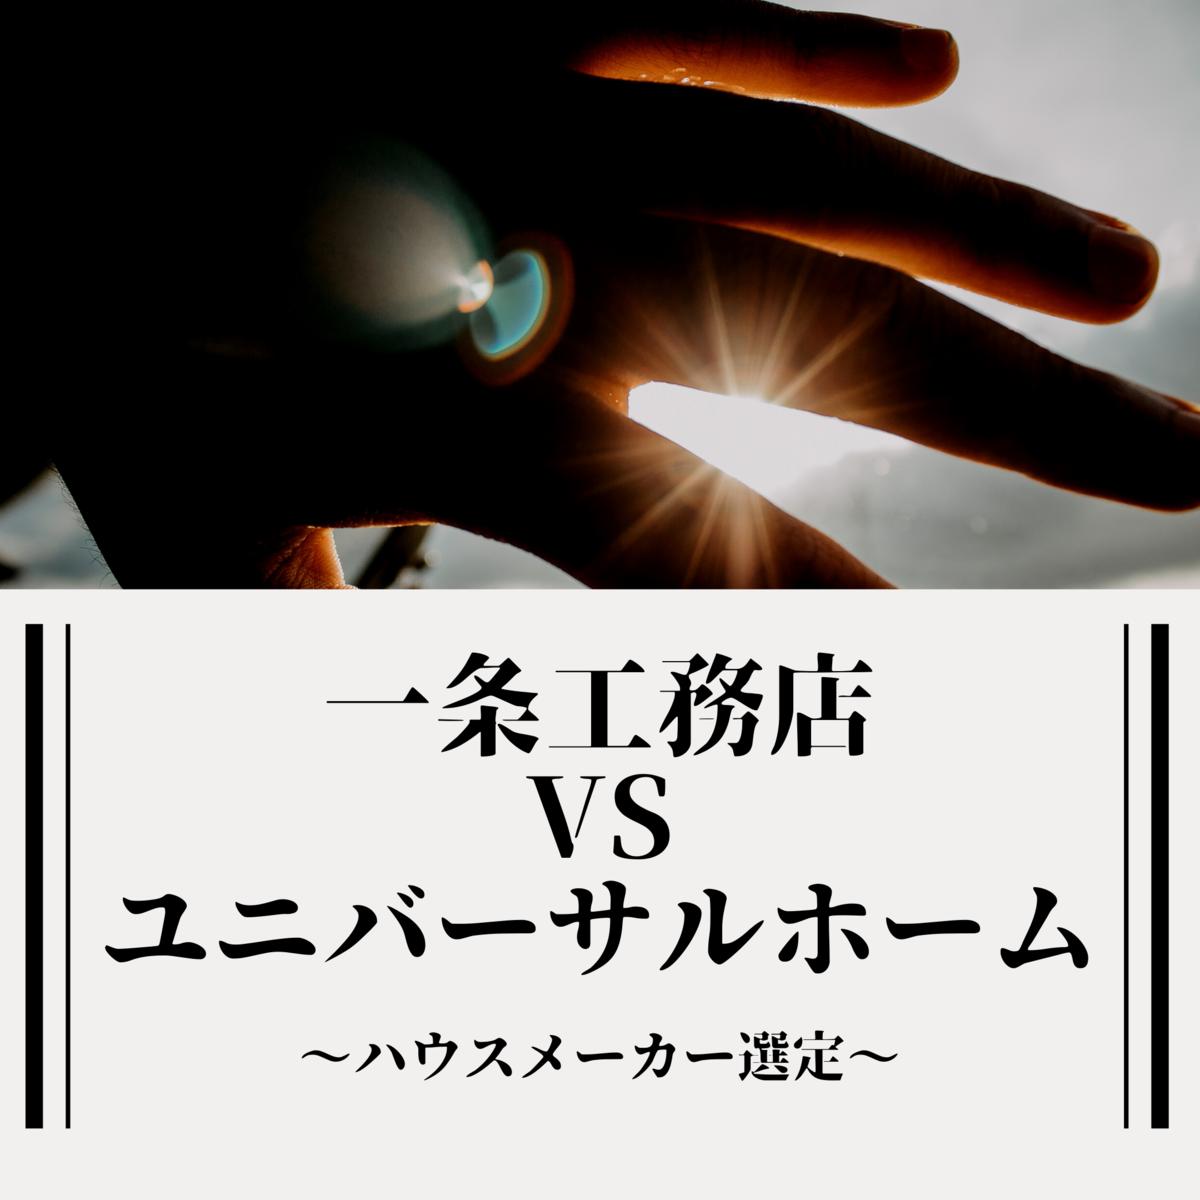 一条工務店vsユニバーサルホーム~ハウスメーカー選定~